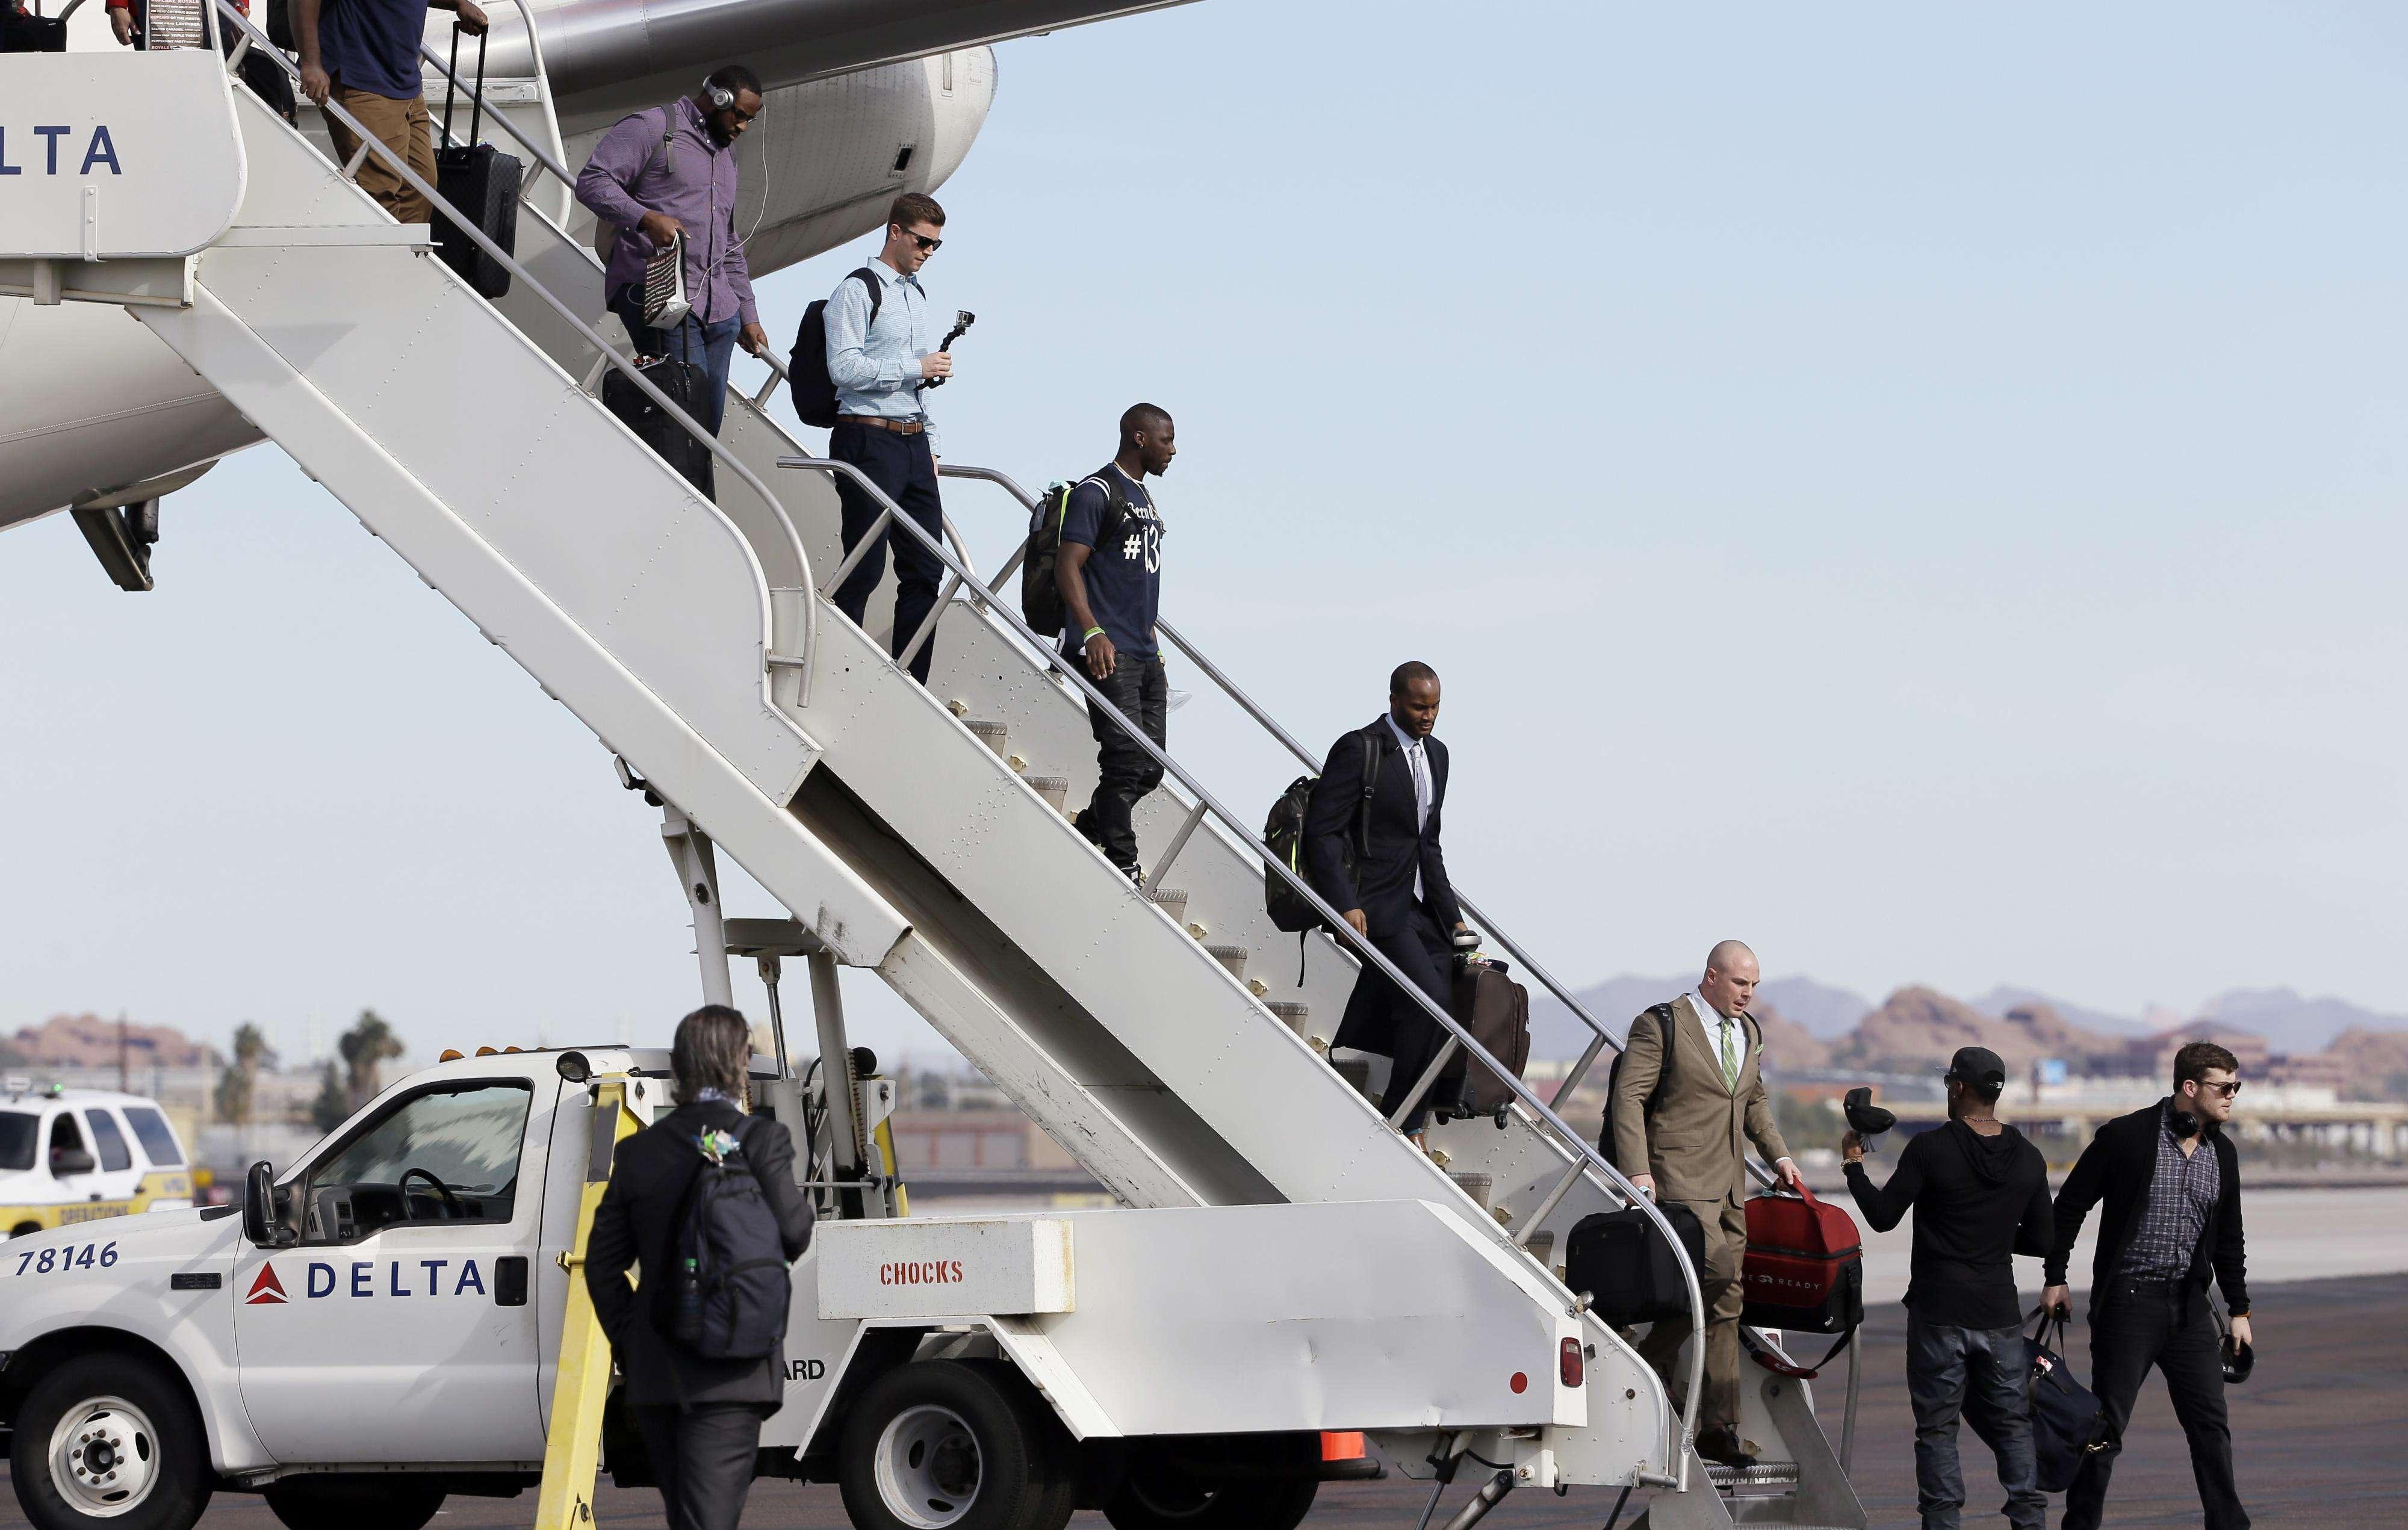 Los actuales campeones de la NFL, los Seattle Seahakws, arribaron este domingo a Arizona, sede del Super Bowl XLIX. El vuelo chárter del equipo de la Conferencia Nacional aterrizó cerca de la 13;30 hrs (centro de México). Mañana lunes lo harán los New England Patriots Foto: AP